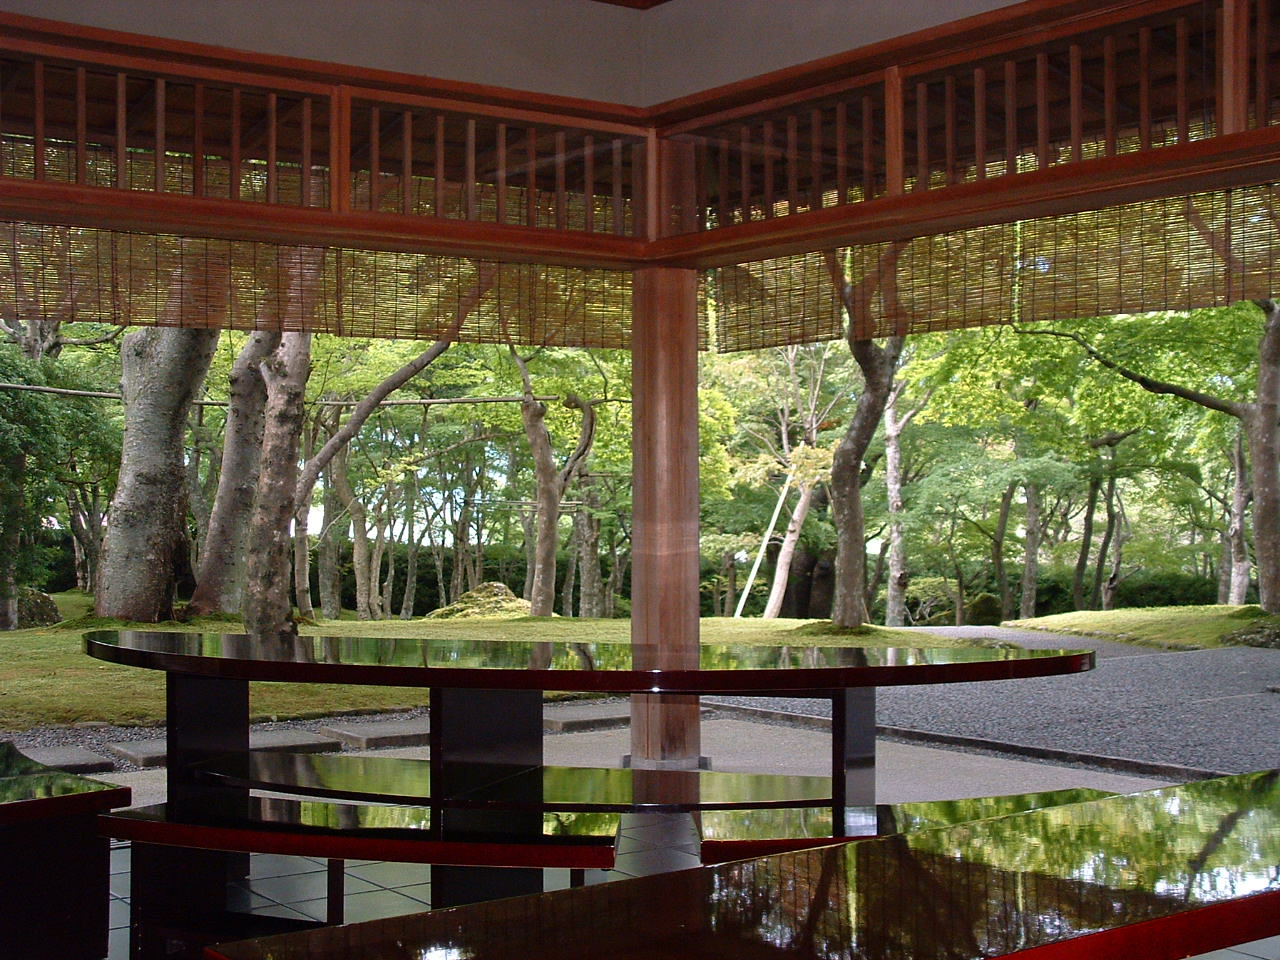 【最大22%割引】箱根美術館 前売りクーポン(入館券)